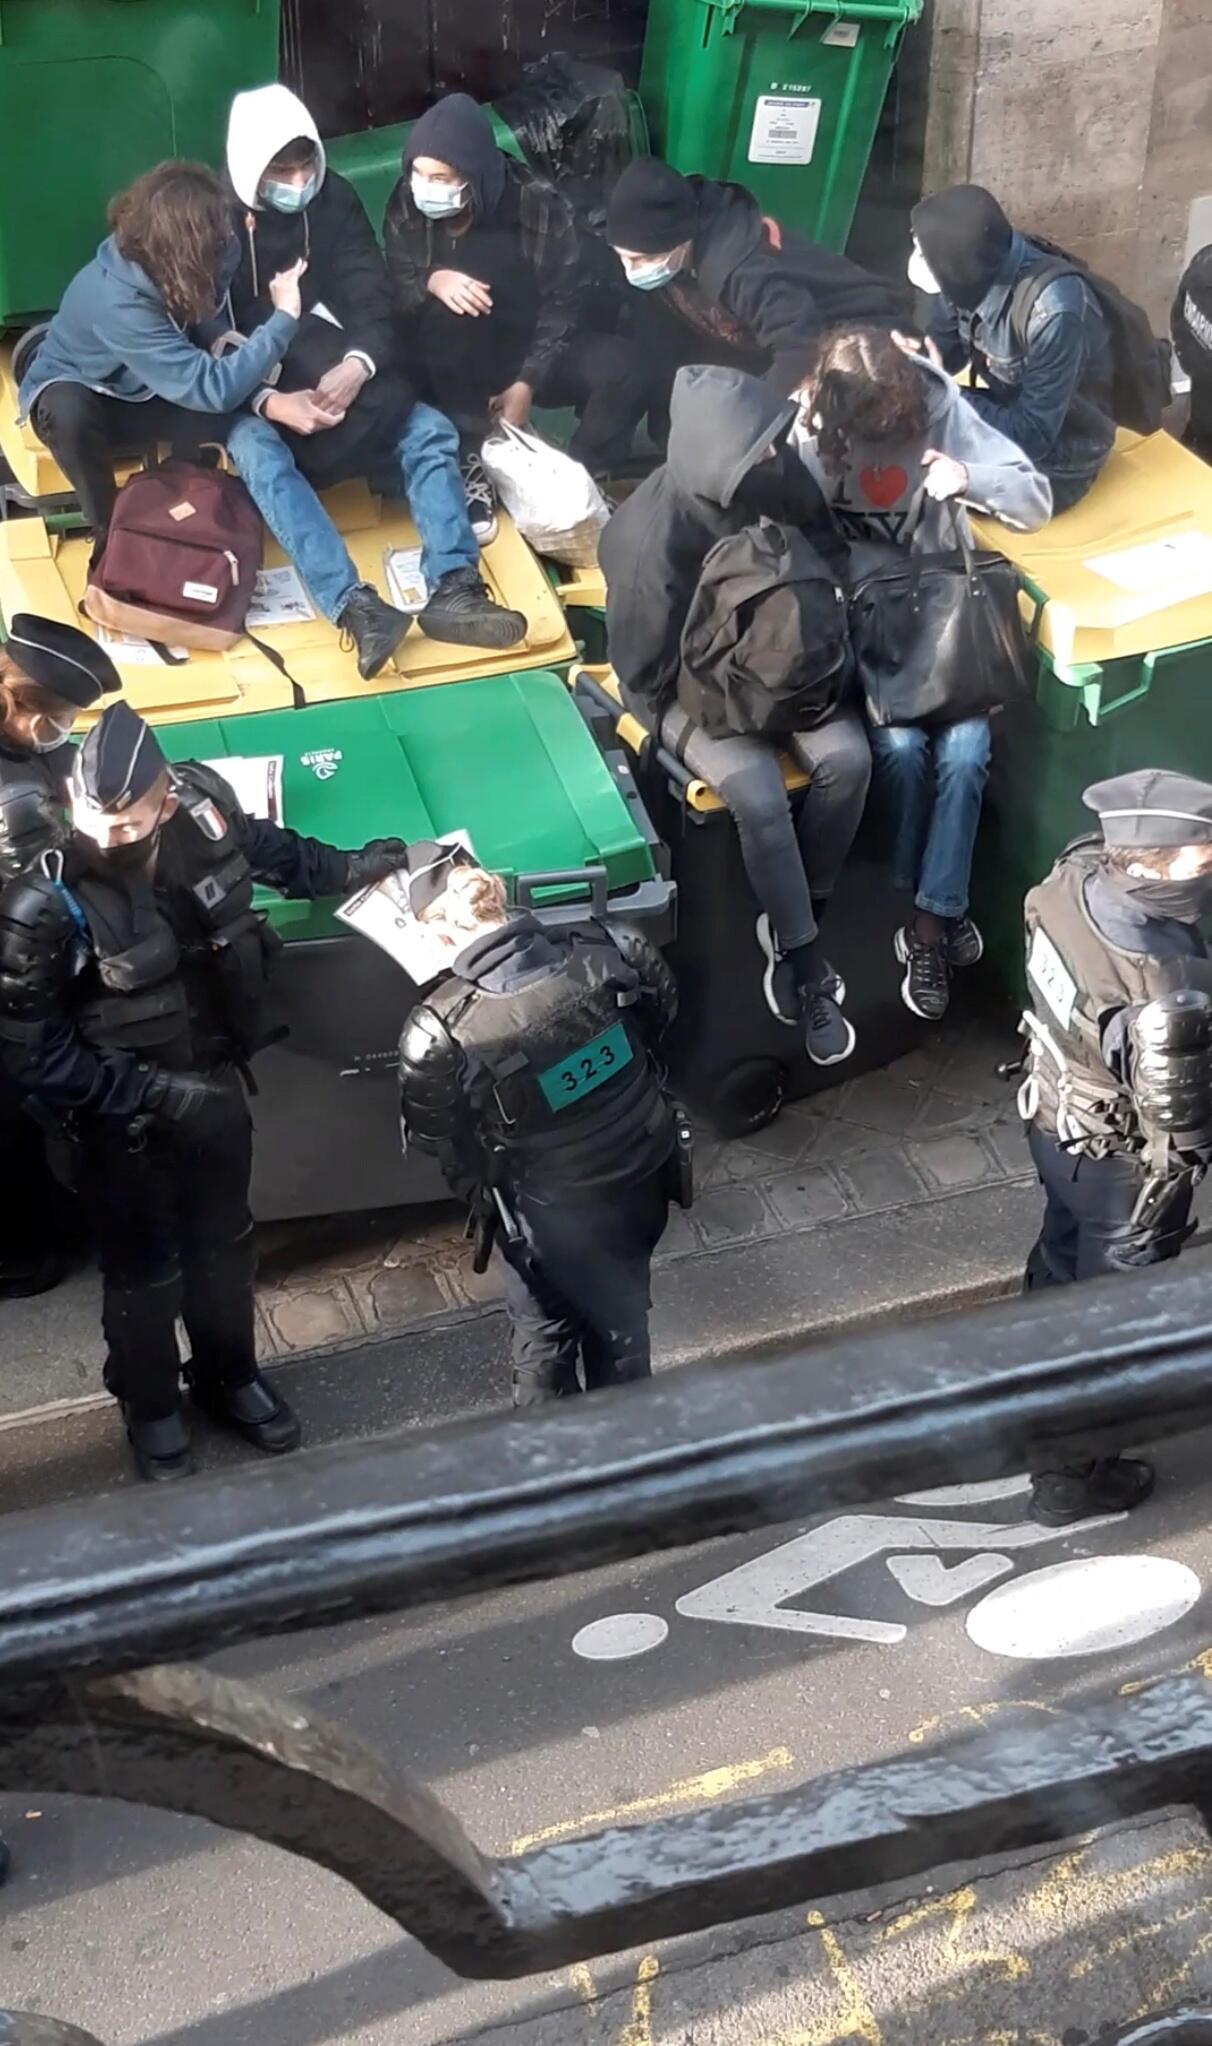 Учащиеся лицея Колбер в X округе Парижа заблокировали вход в здание школы с помощью мусорных баков.